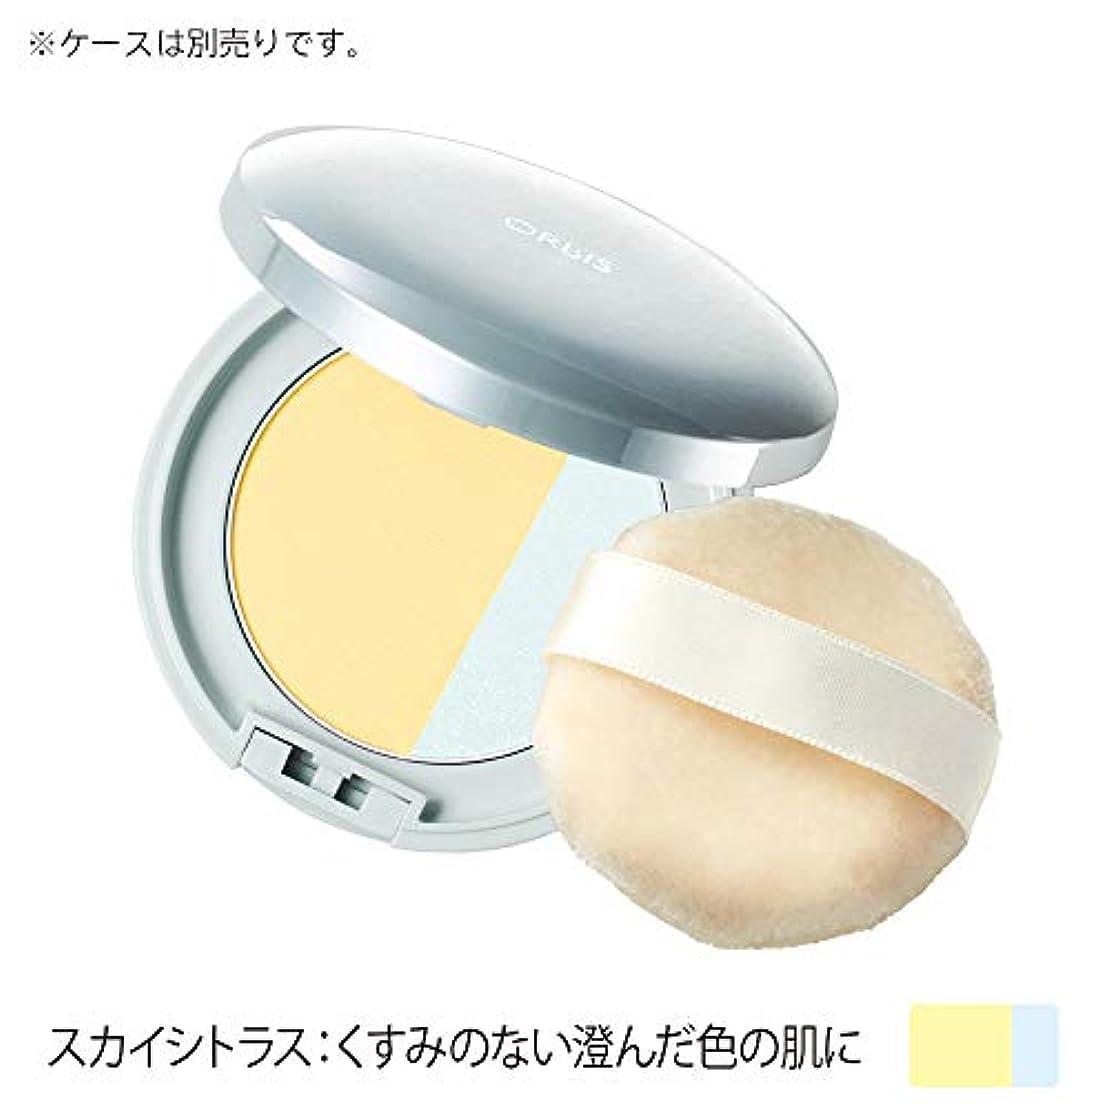 あざ気分が良いそうでなければオルビス(ORBIS) サンスクリーン(R)パウダー リフィル(パフ付)スカイシトラス SPF50+?PA++++ ◎顔用日焼け止めパウダー◎